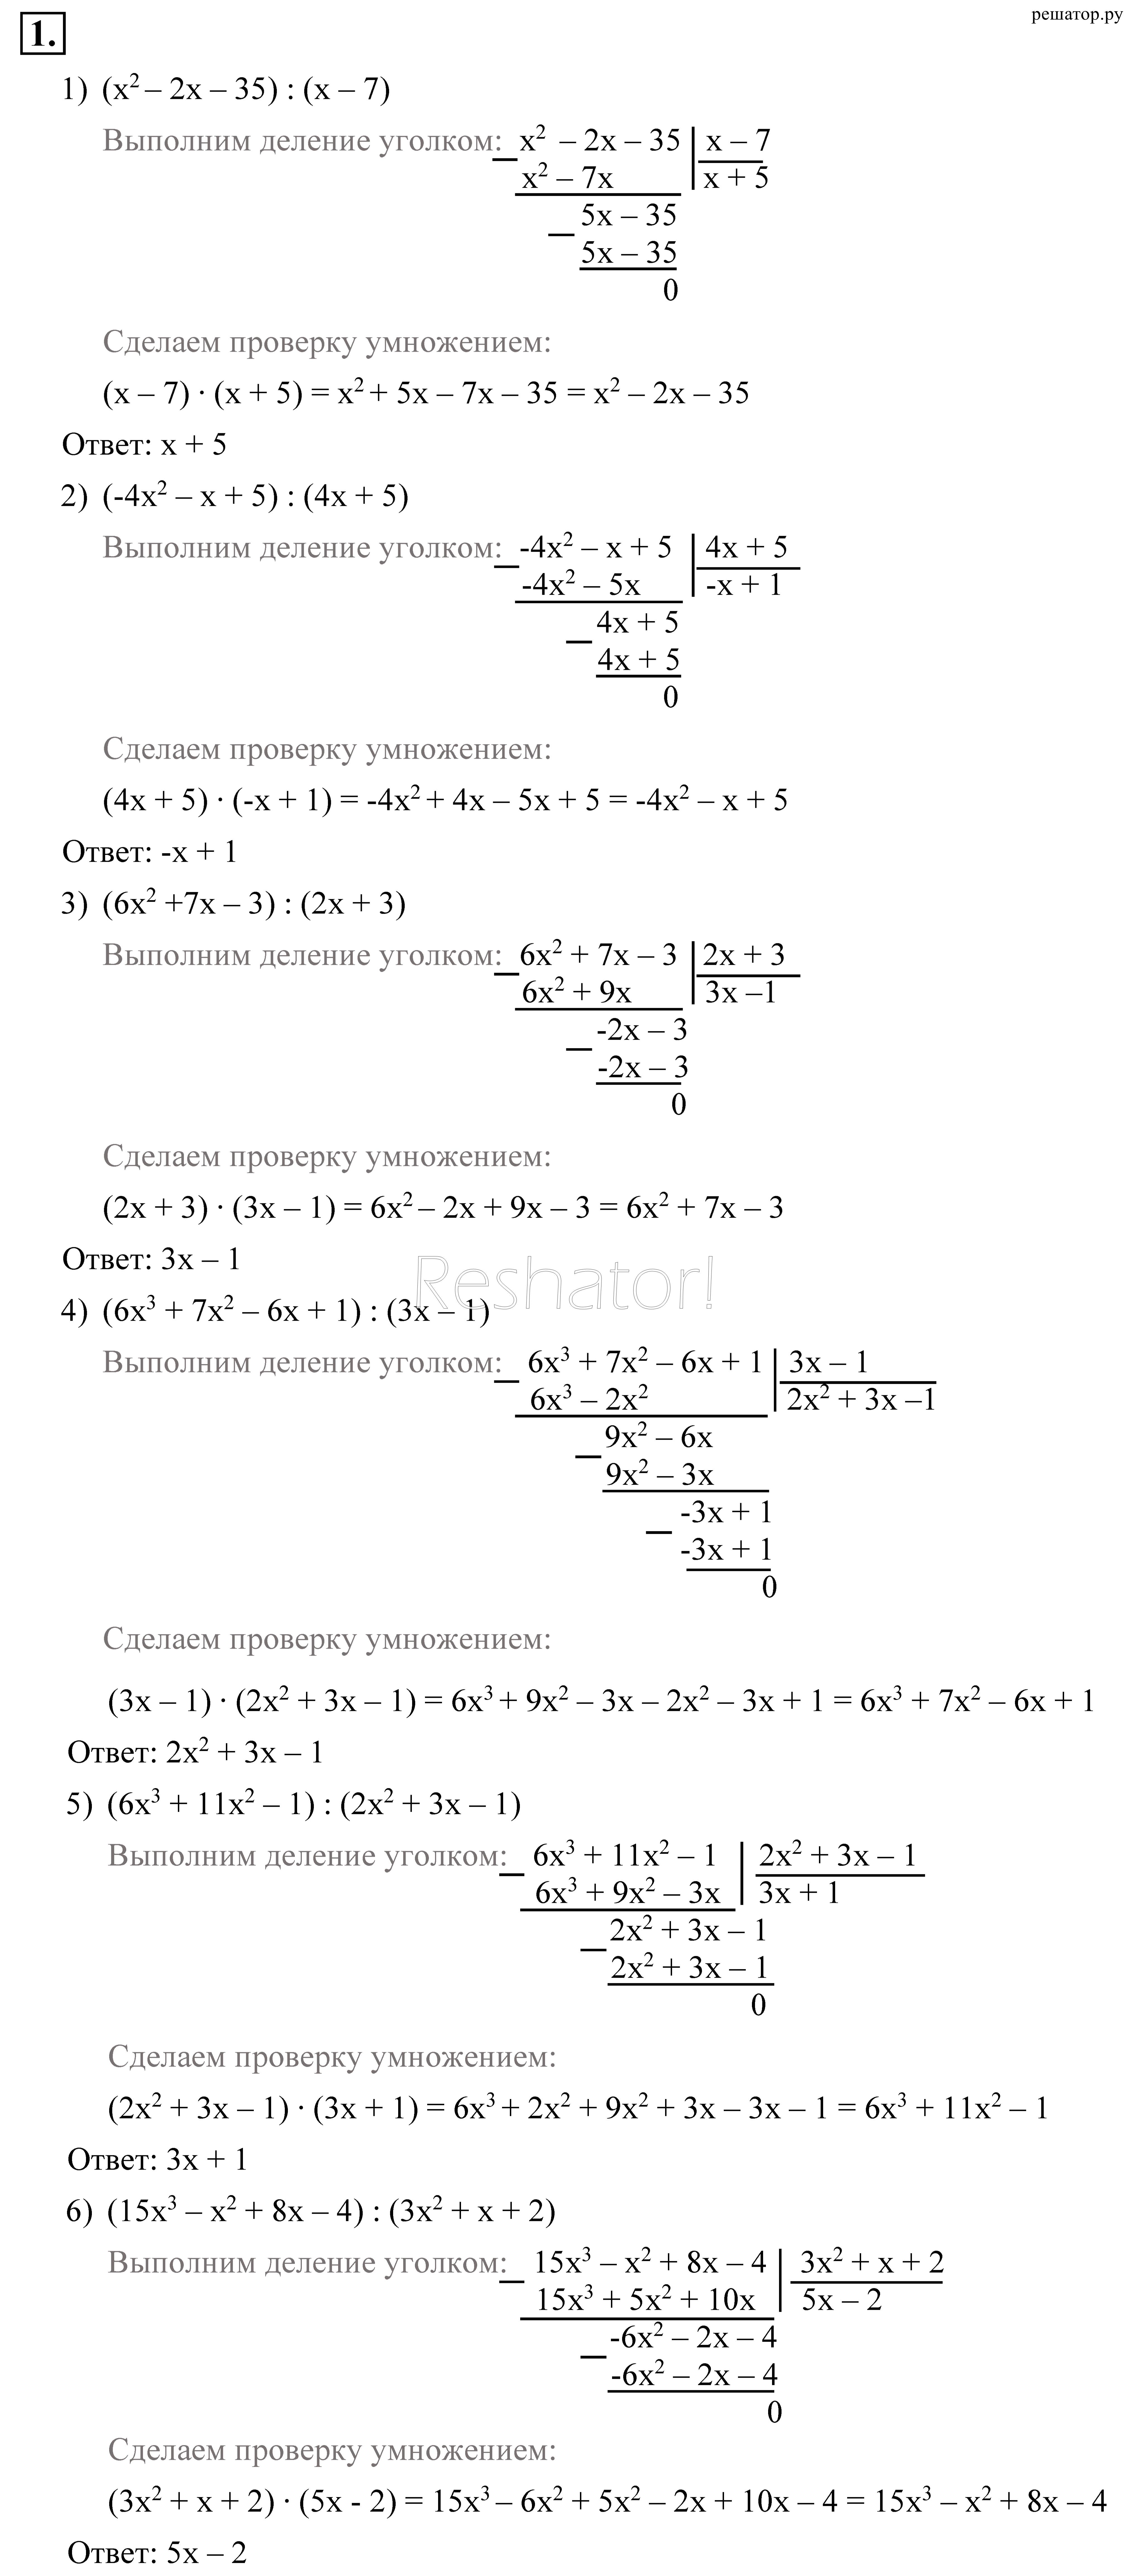 Задания: 1 - решение